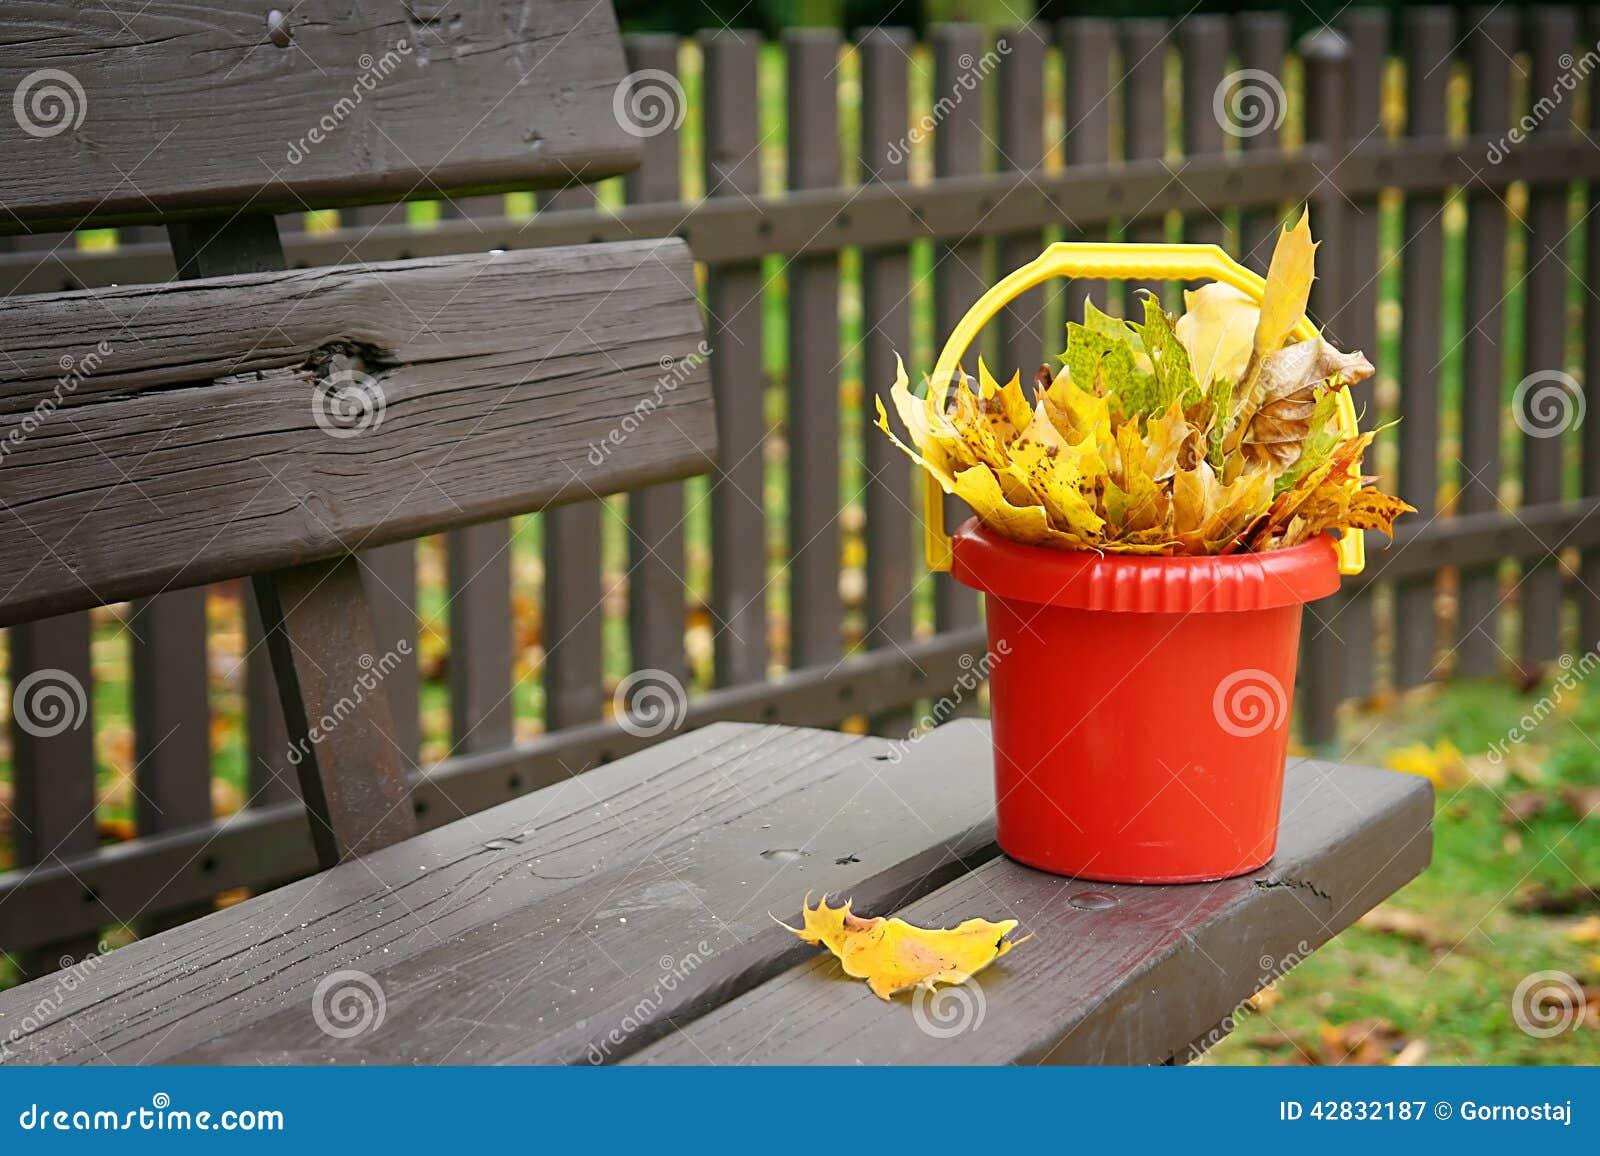 Φύλλα σε έναν πλαστικό κάδο που στέκεται στον πάγκο